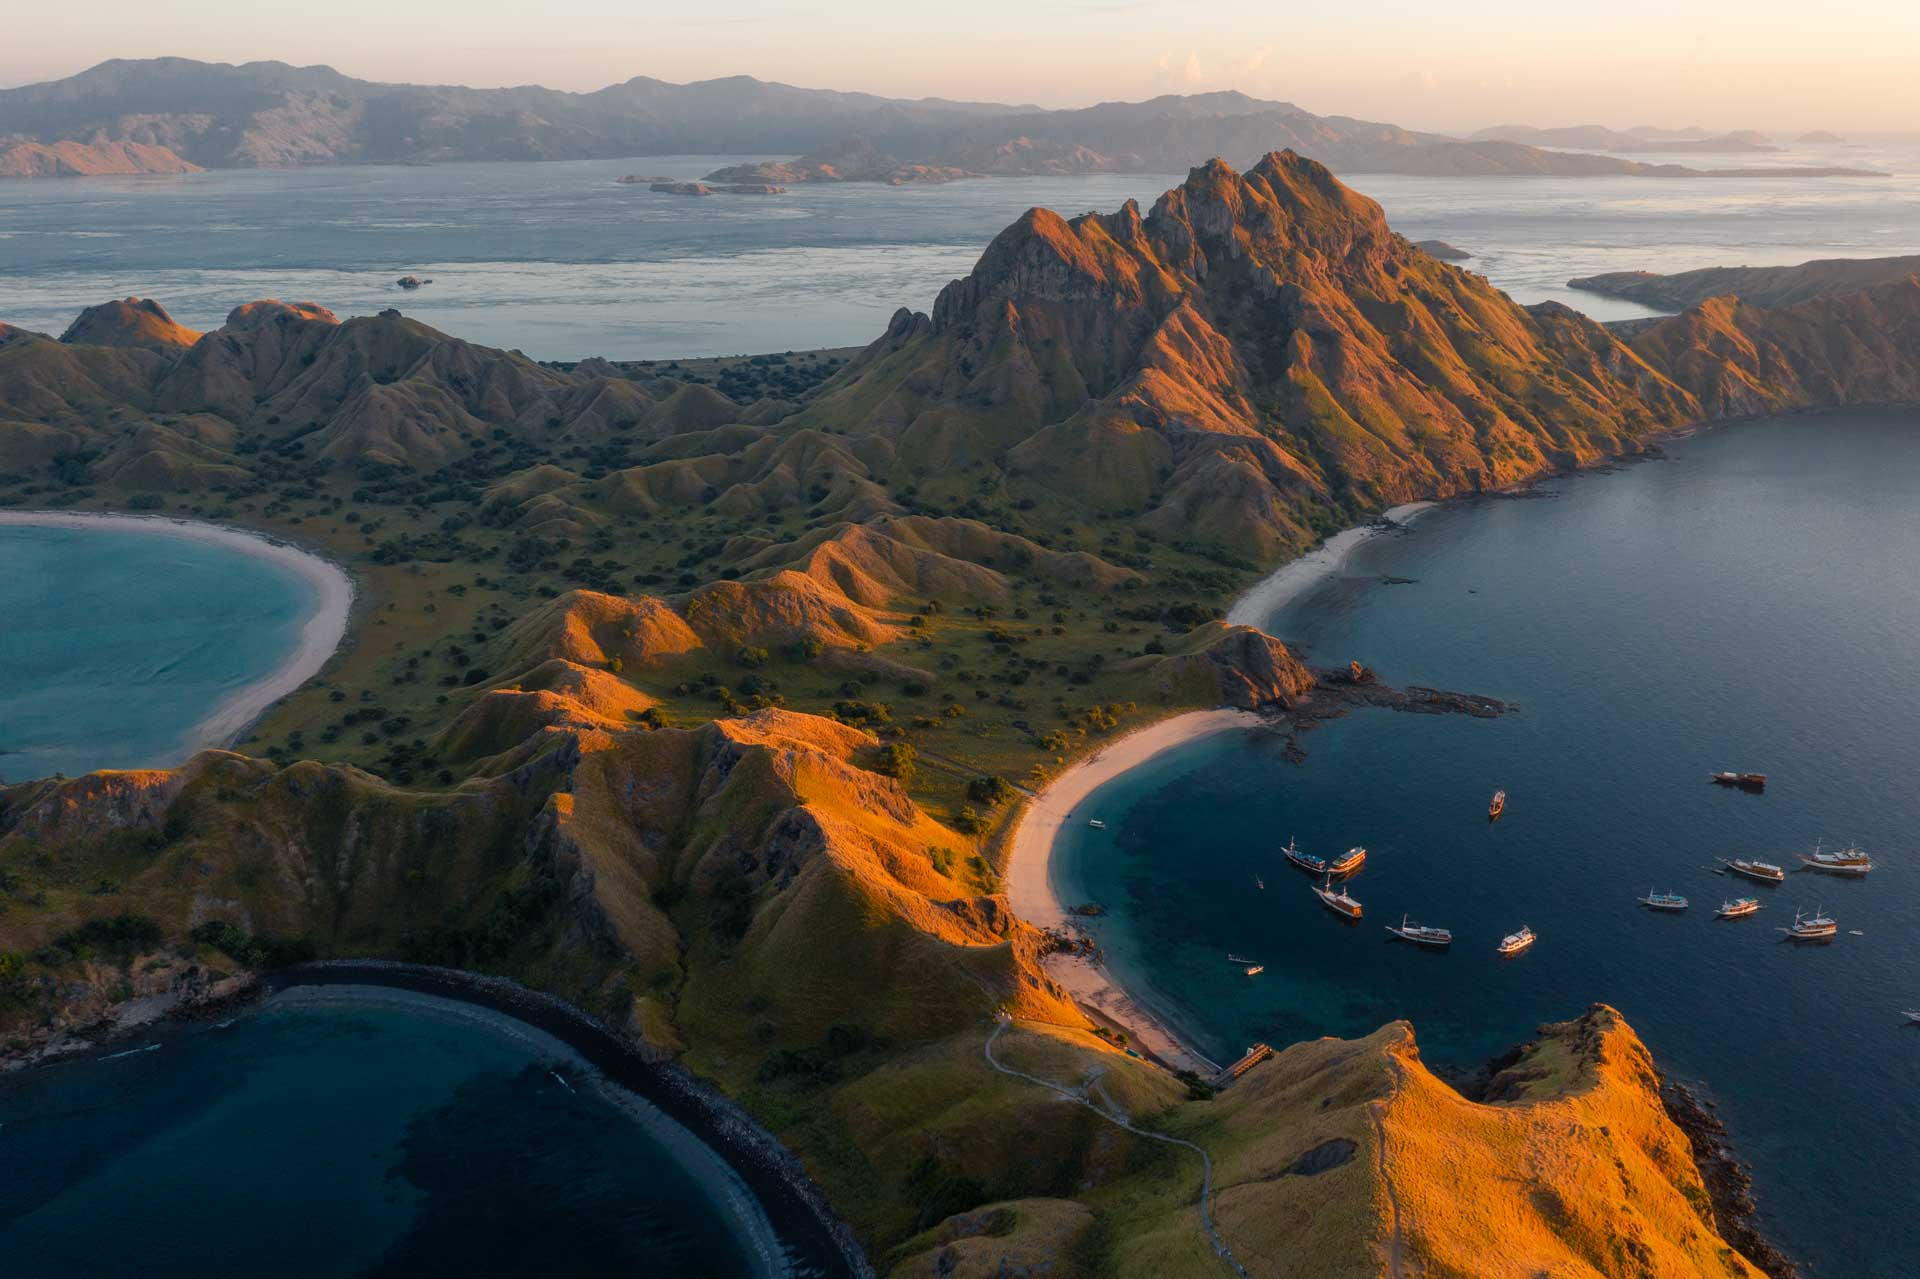 padar island, pulau padar, padar island indonesia